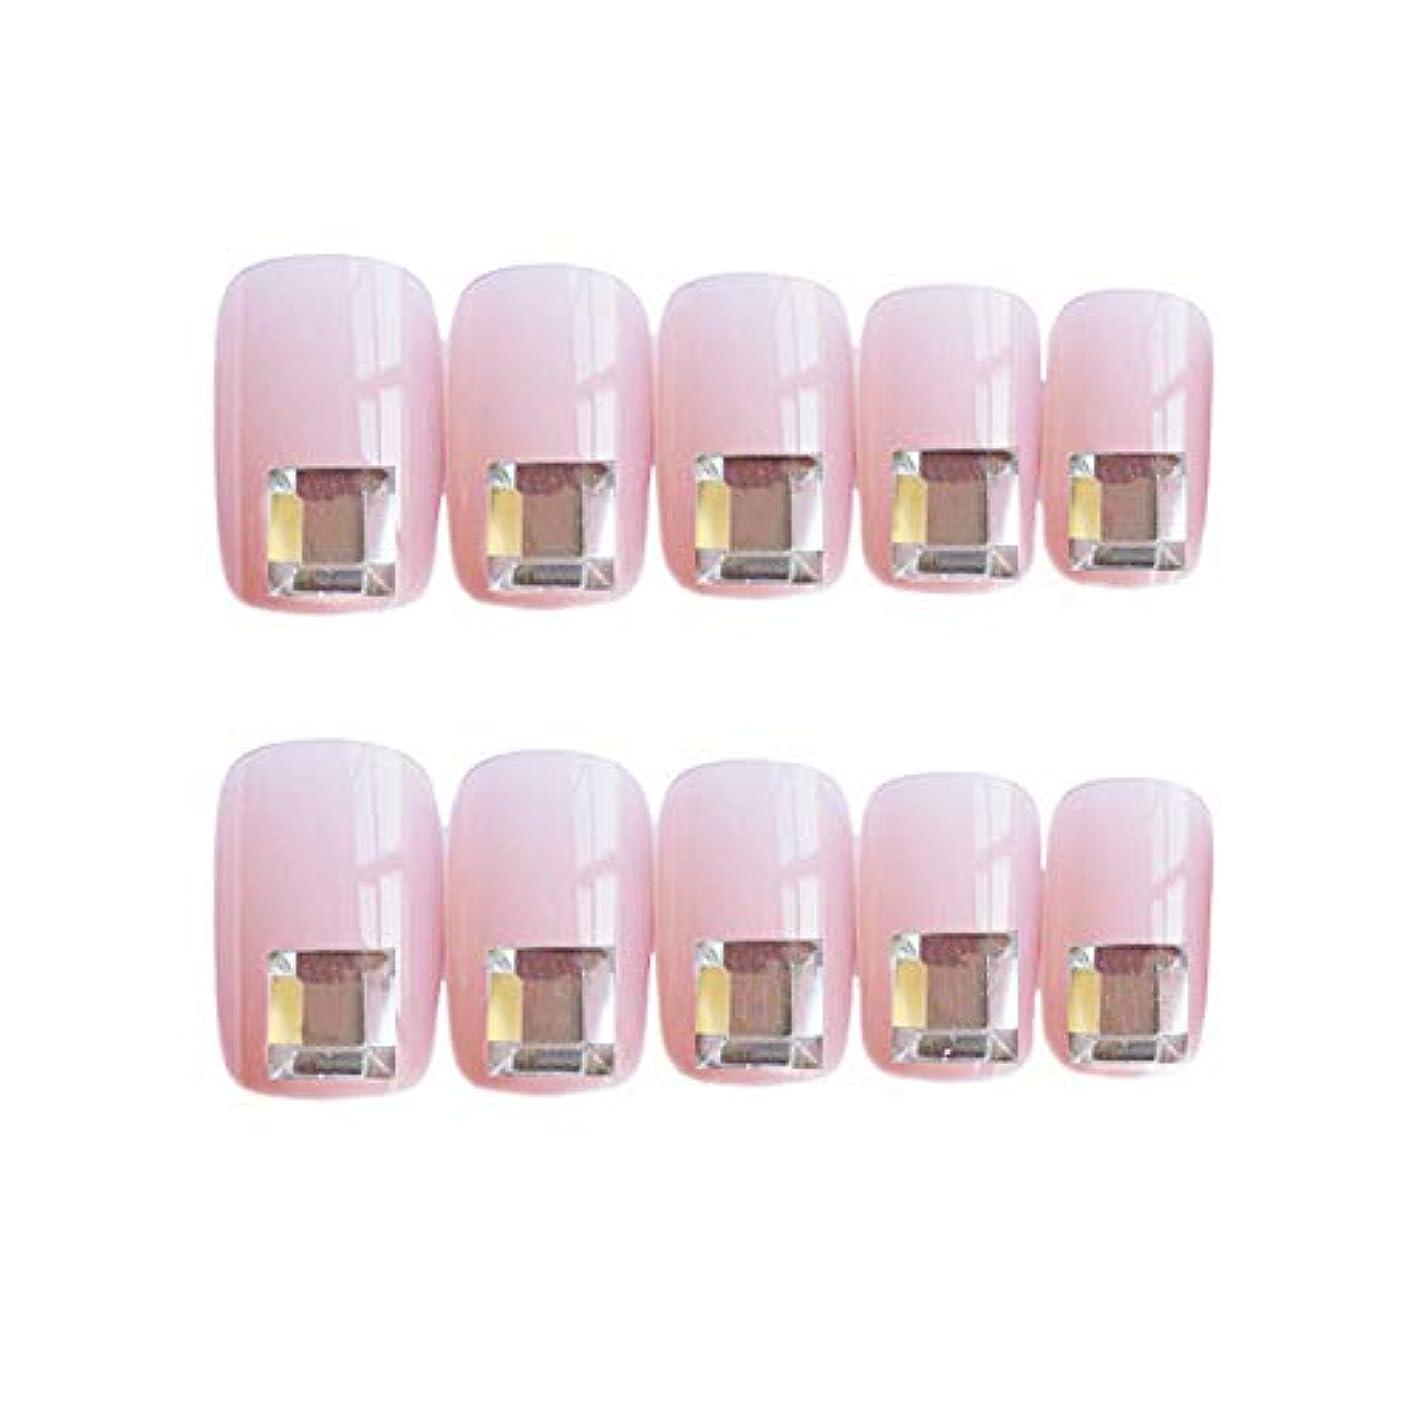 ジェーンオースティン選ぶ王族流行のスタイル 広場 きらめくダイヤモンド 桜の色 手作りネイルチップ 3Dネイルチップ 24枚入